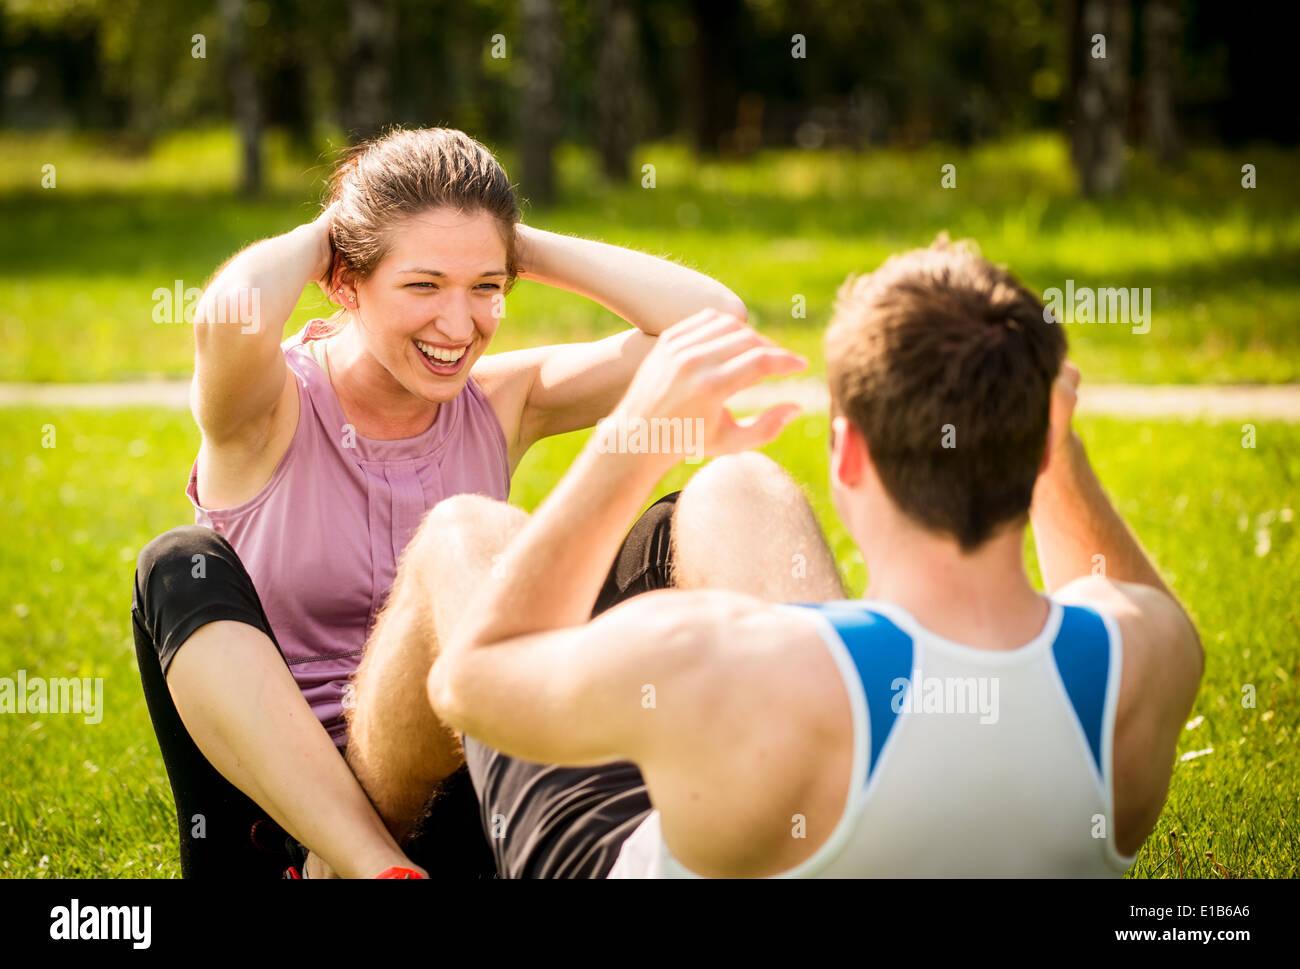 Sport-paar Sit-ups gemeinsam in der Natur auf dem grünen Rasen zu machen Stockbild